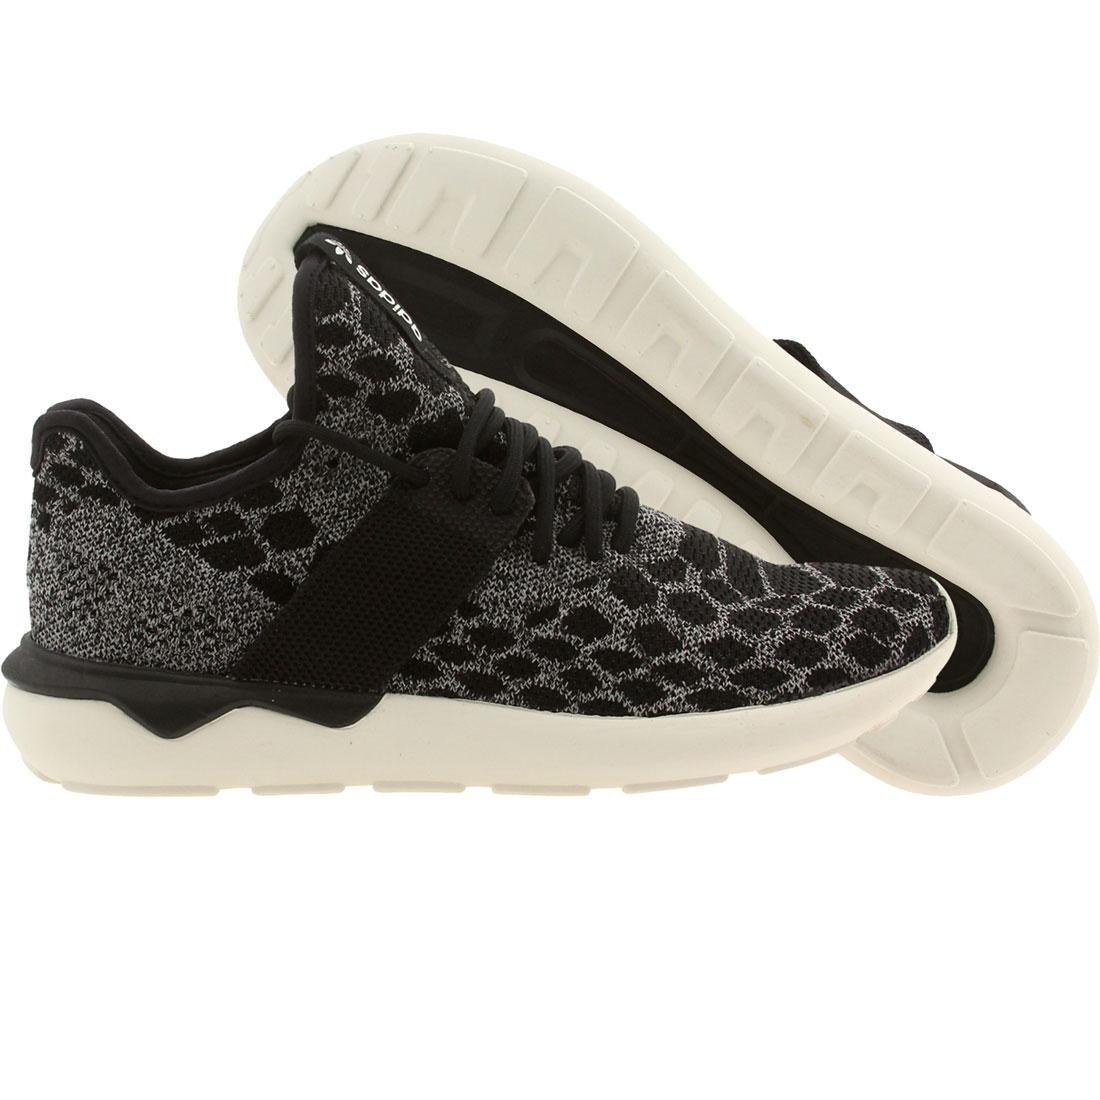 【海外限定】アディダス ニット メンズ靴 靴 【 ADIDAS MEN TUBULAR RUNNER PRIME KNIT BLACK CARBON 】